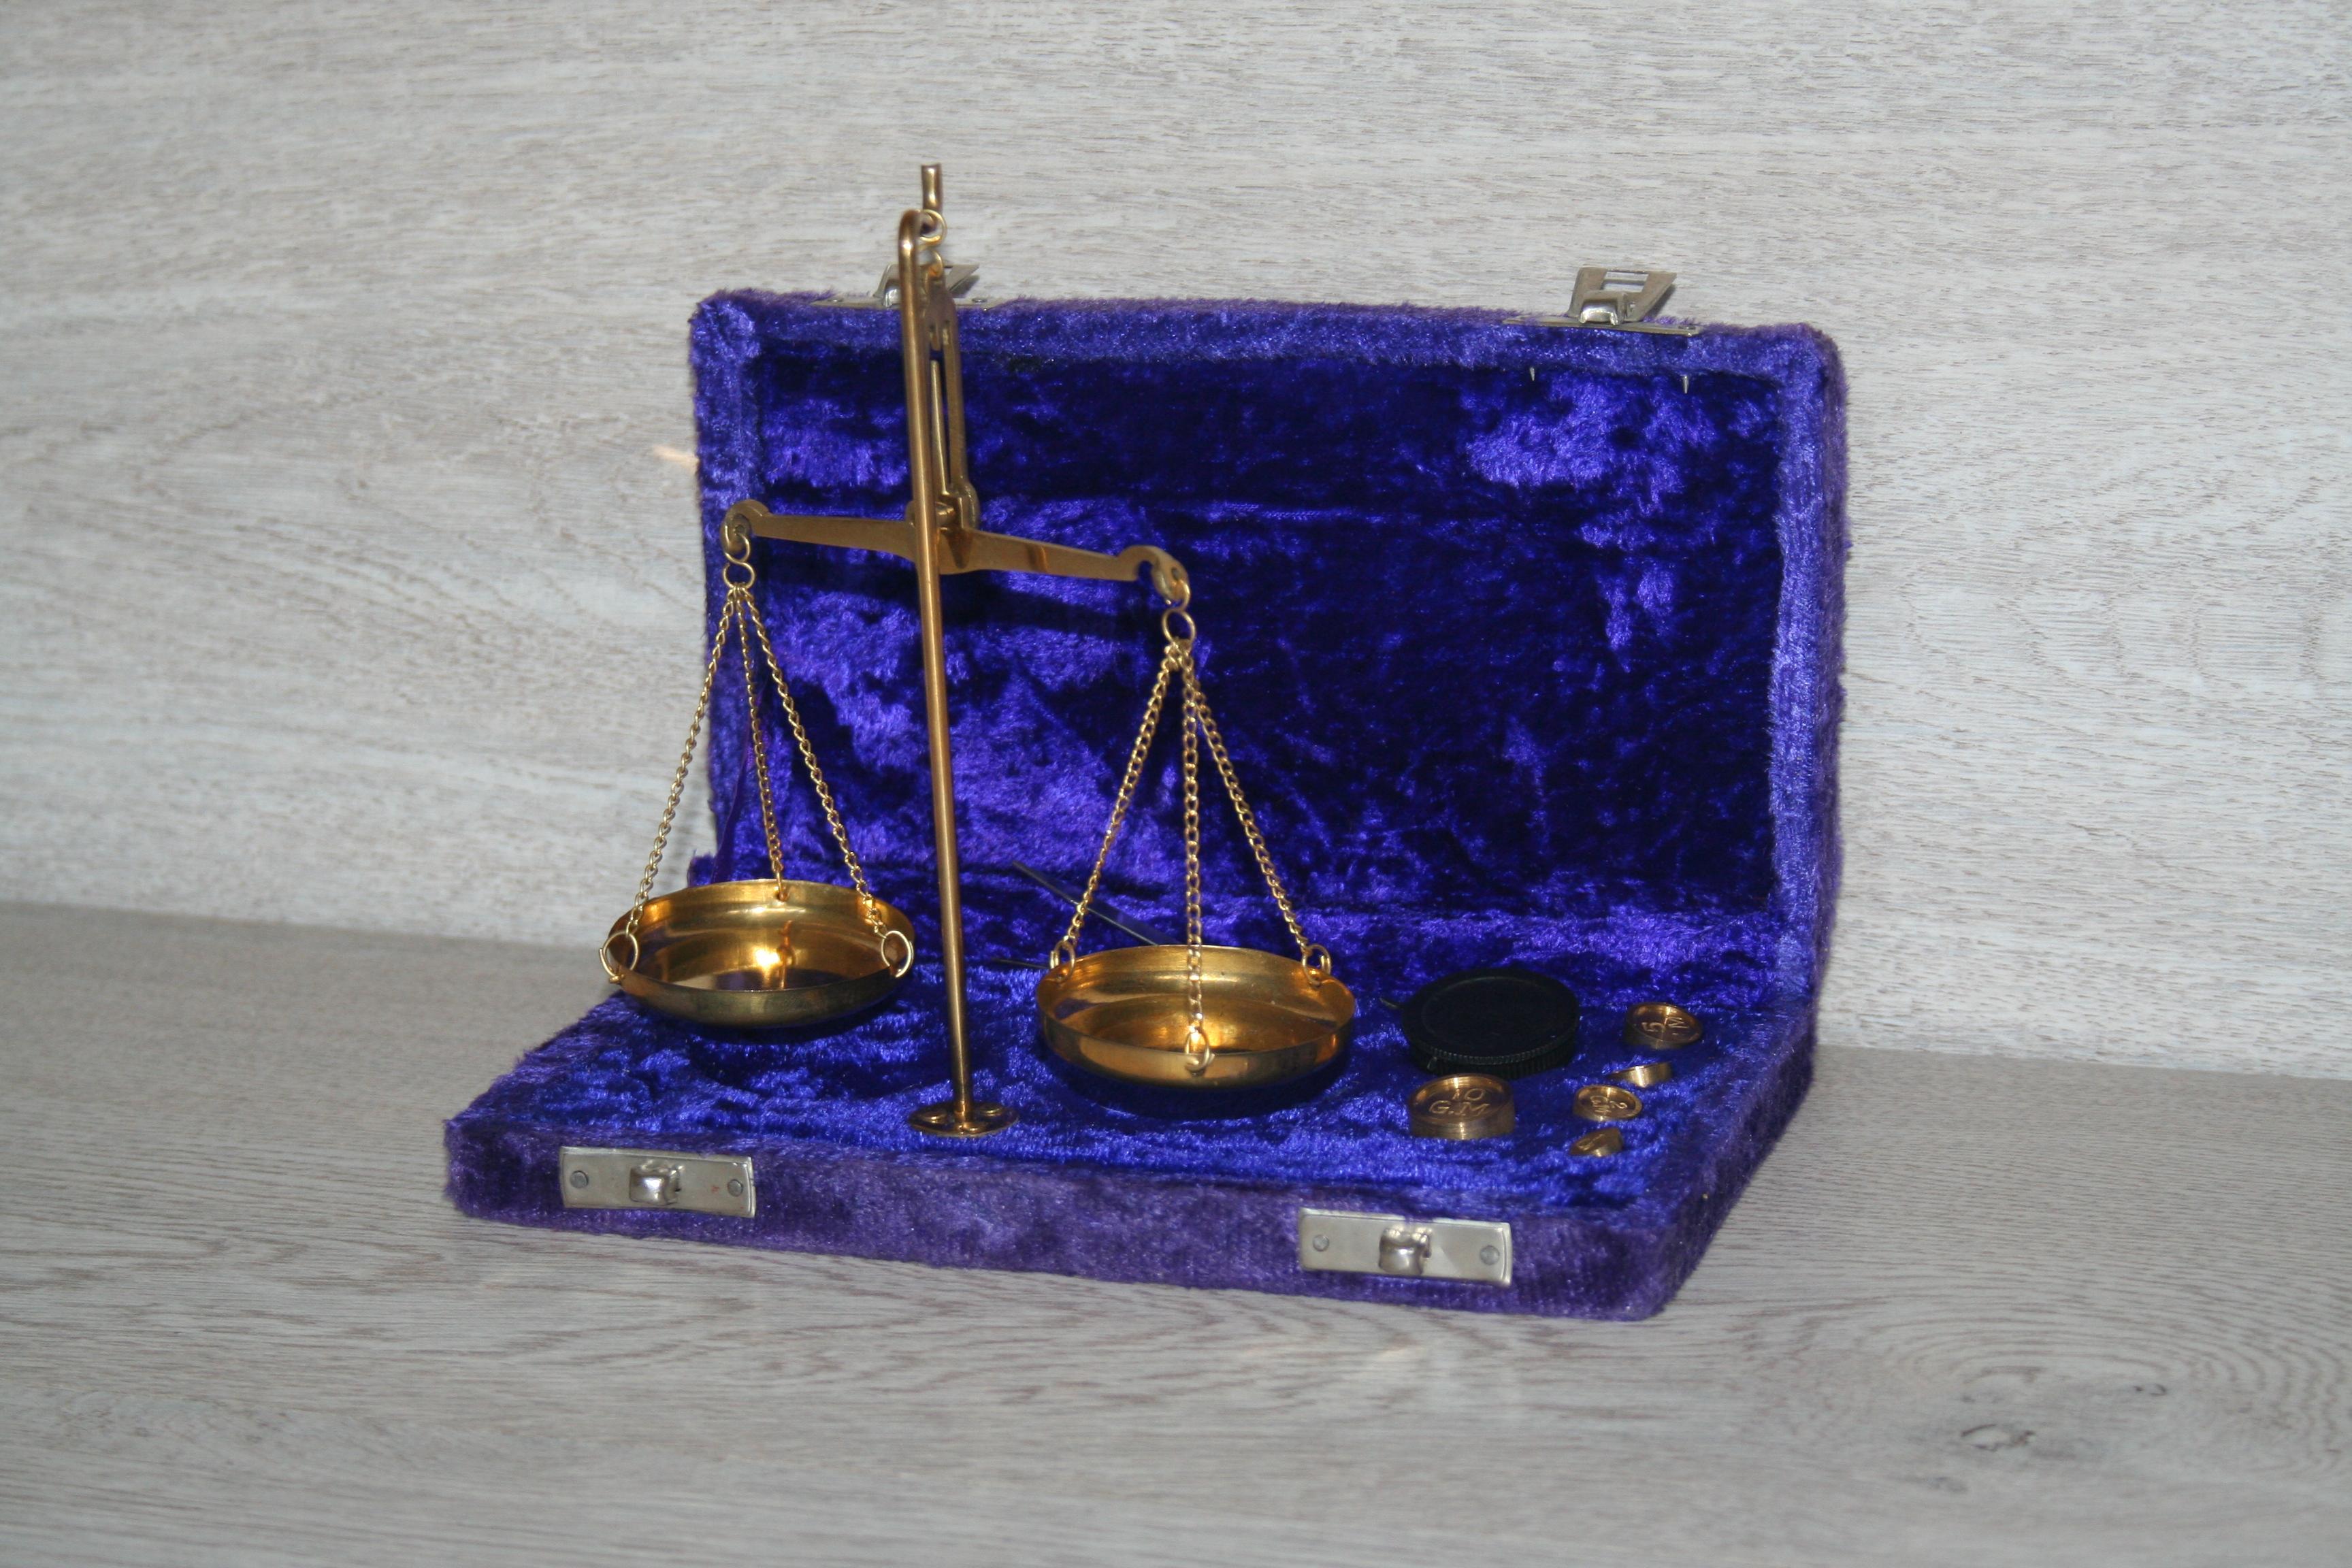 Goud handel pro goud handel stelsel